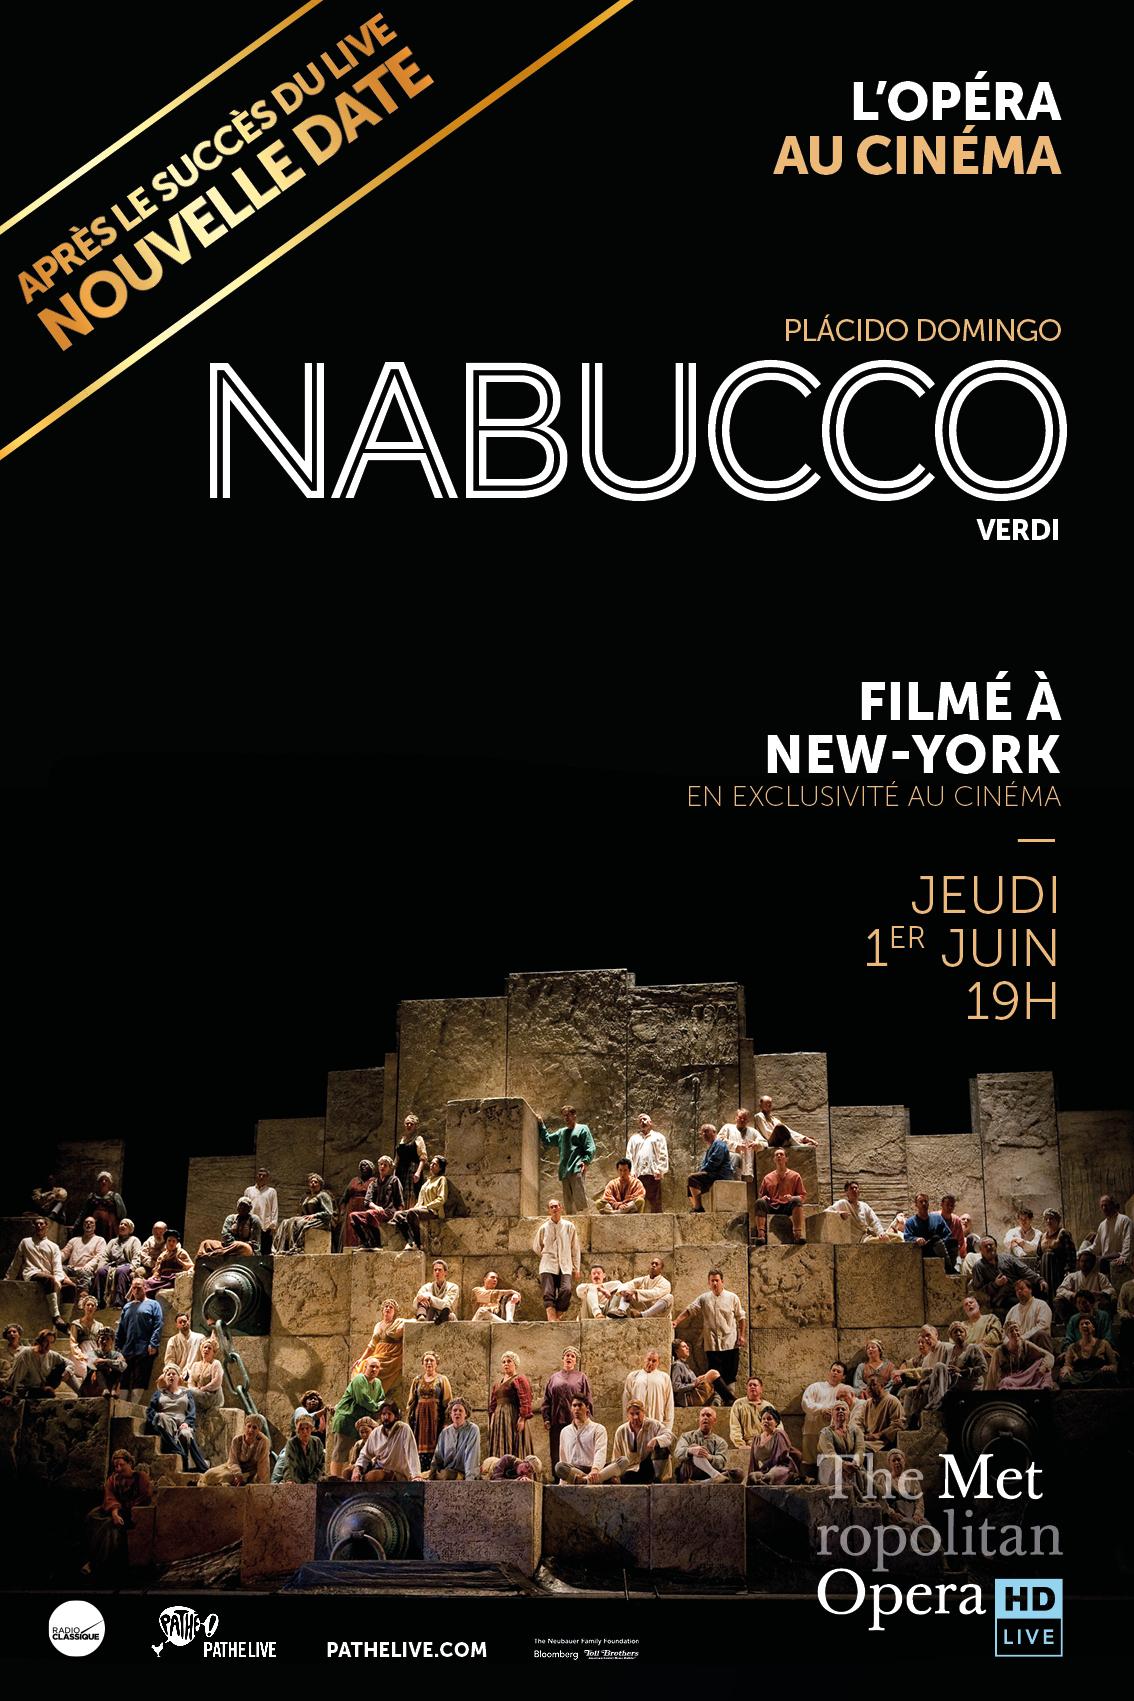 Affiche Nabucco